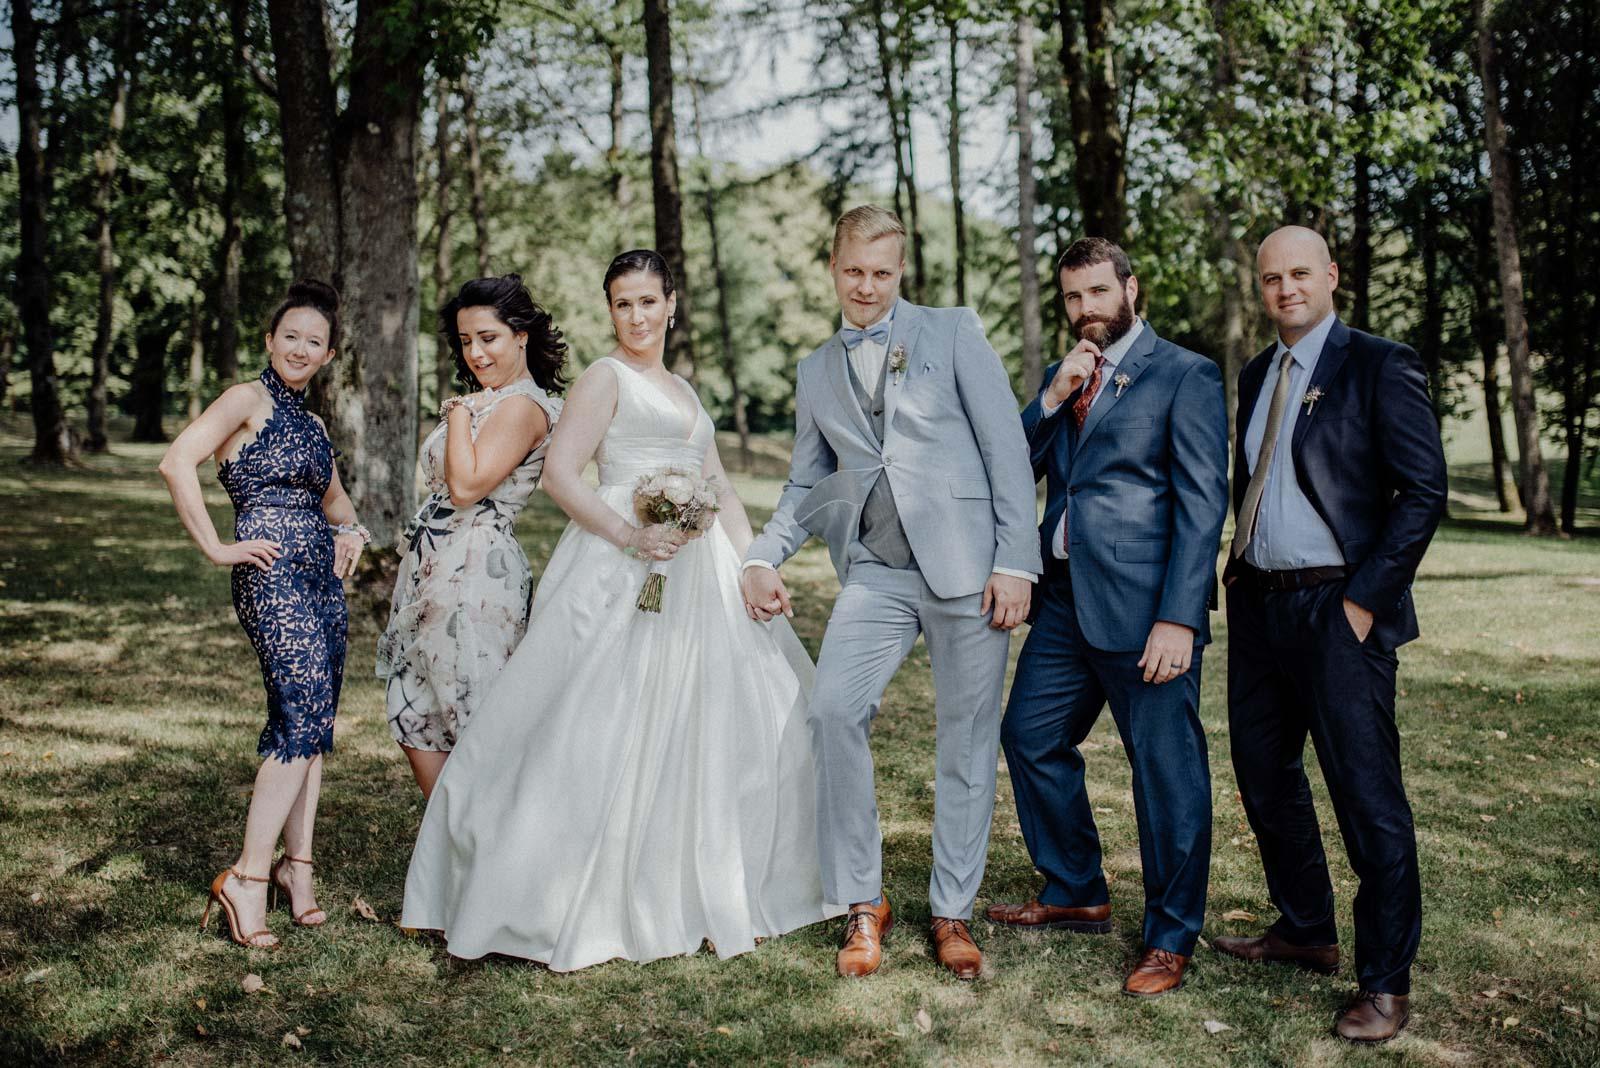 Spaß bei den Familienfotos am Hochzeitstag